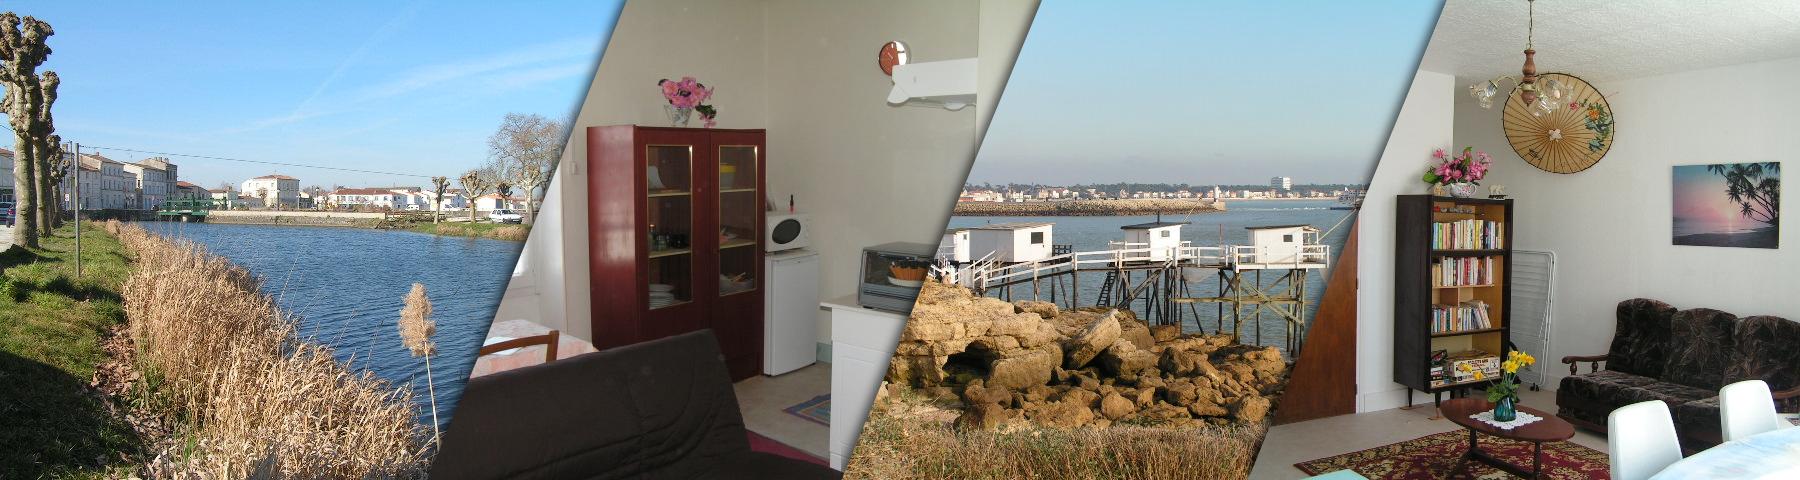 Location de meublés de tourisme à Saujon